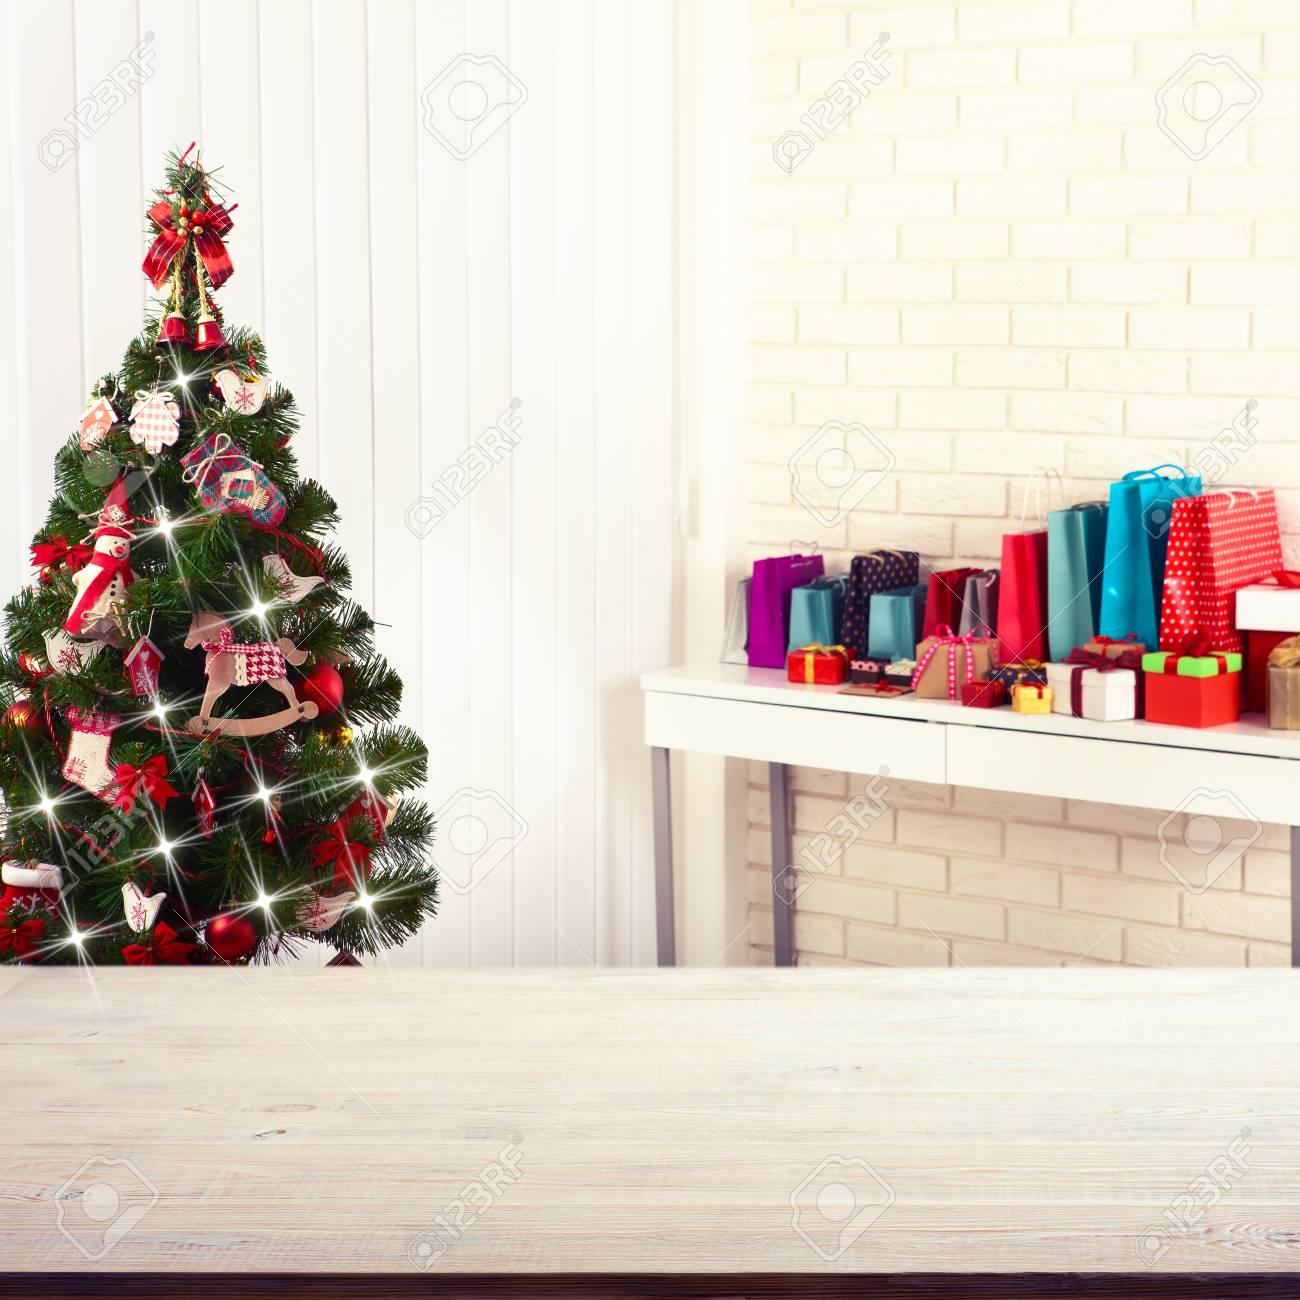 Weihnachtsdekorationen. Weihnachten Hintergrund. Schöne Ferien ...